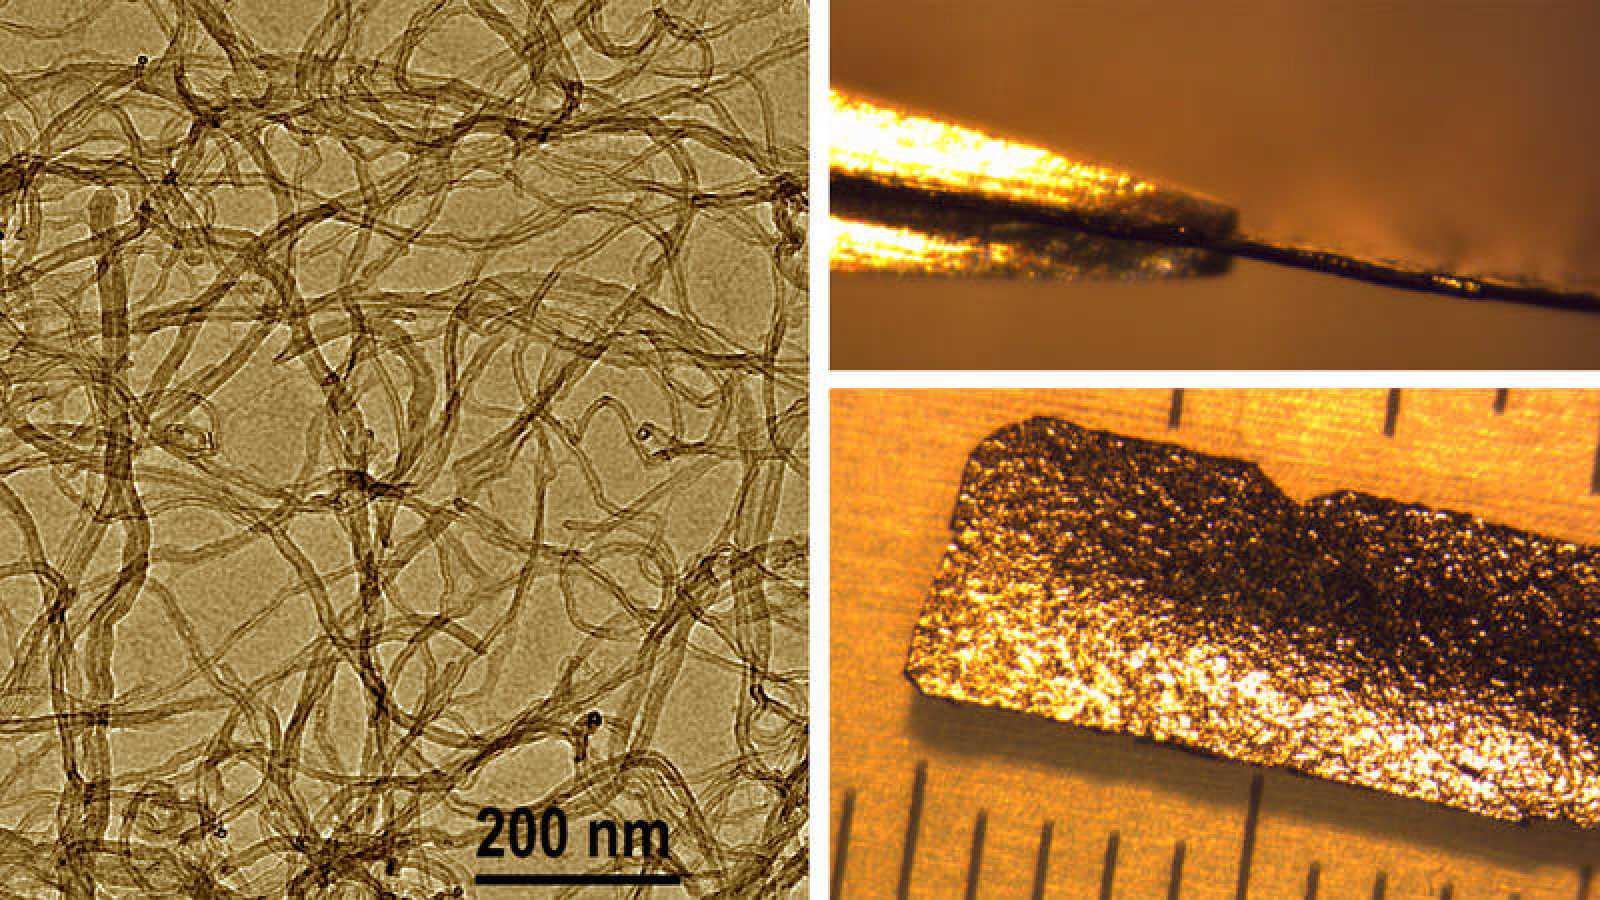 Material compuesto basado en el acetato de gadolinio y nanotubos de carbono. Derecha: vista a escala nanométrica a través de un microscopio electrónico de transmisión. Izquierda: vista de la lámina.